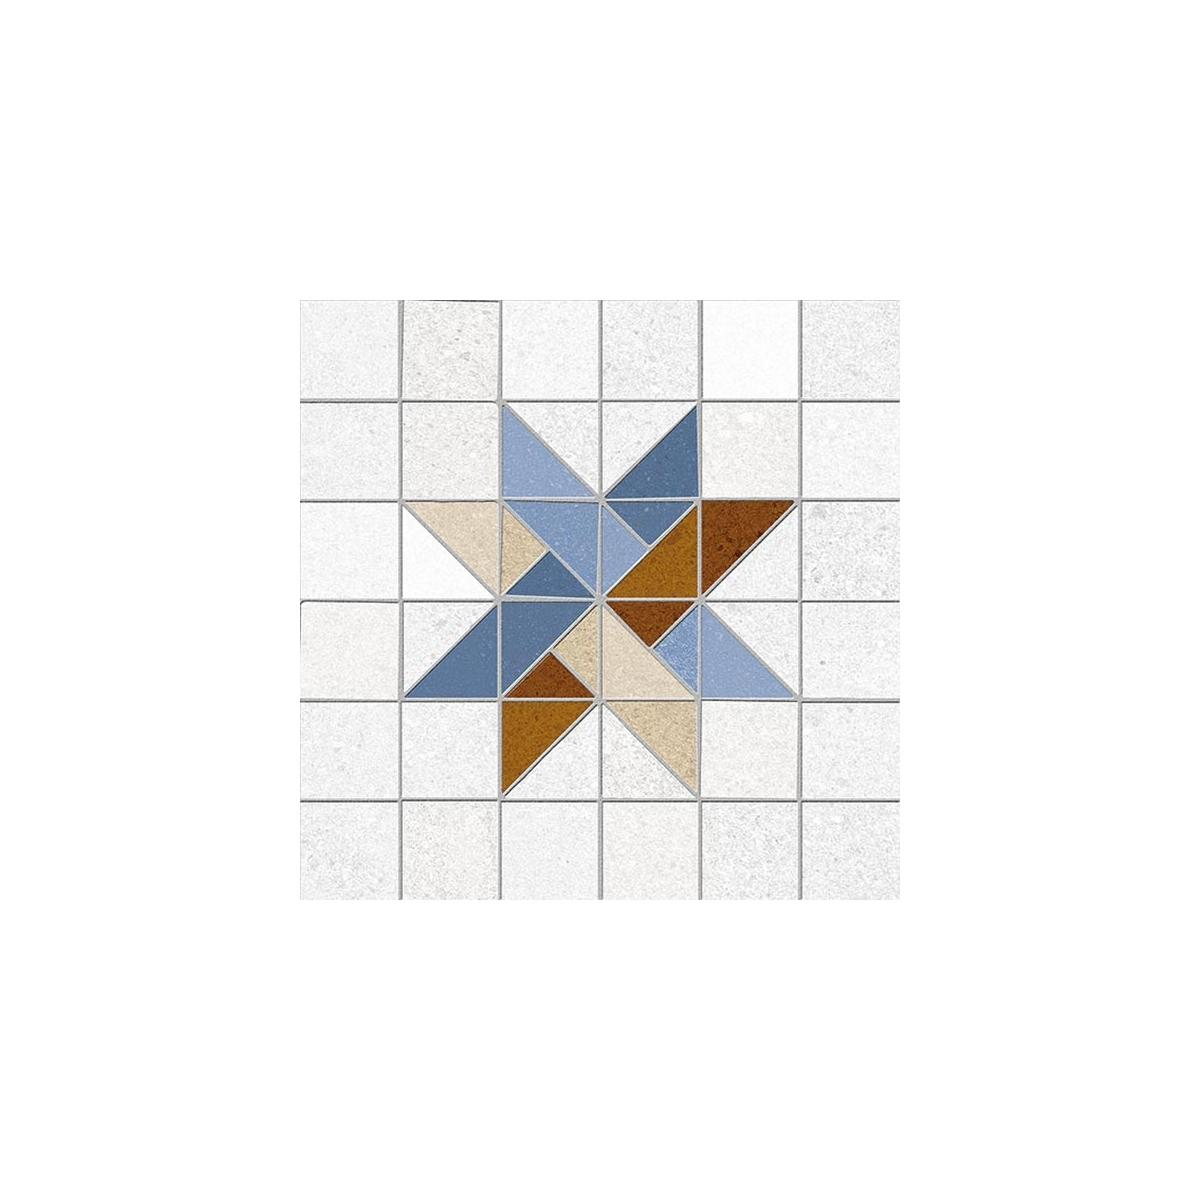 Arcole Azul 20x20 (m2) - Pavimento hidráulico en gres porcelánico